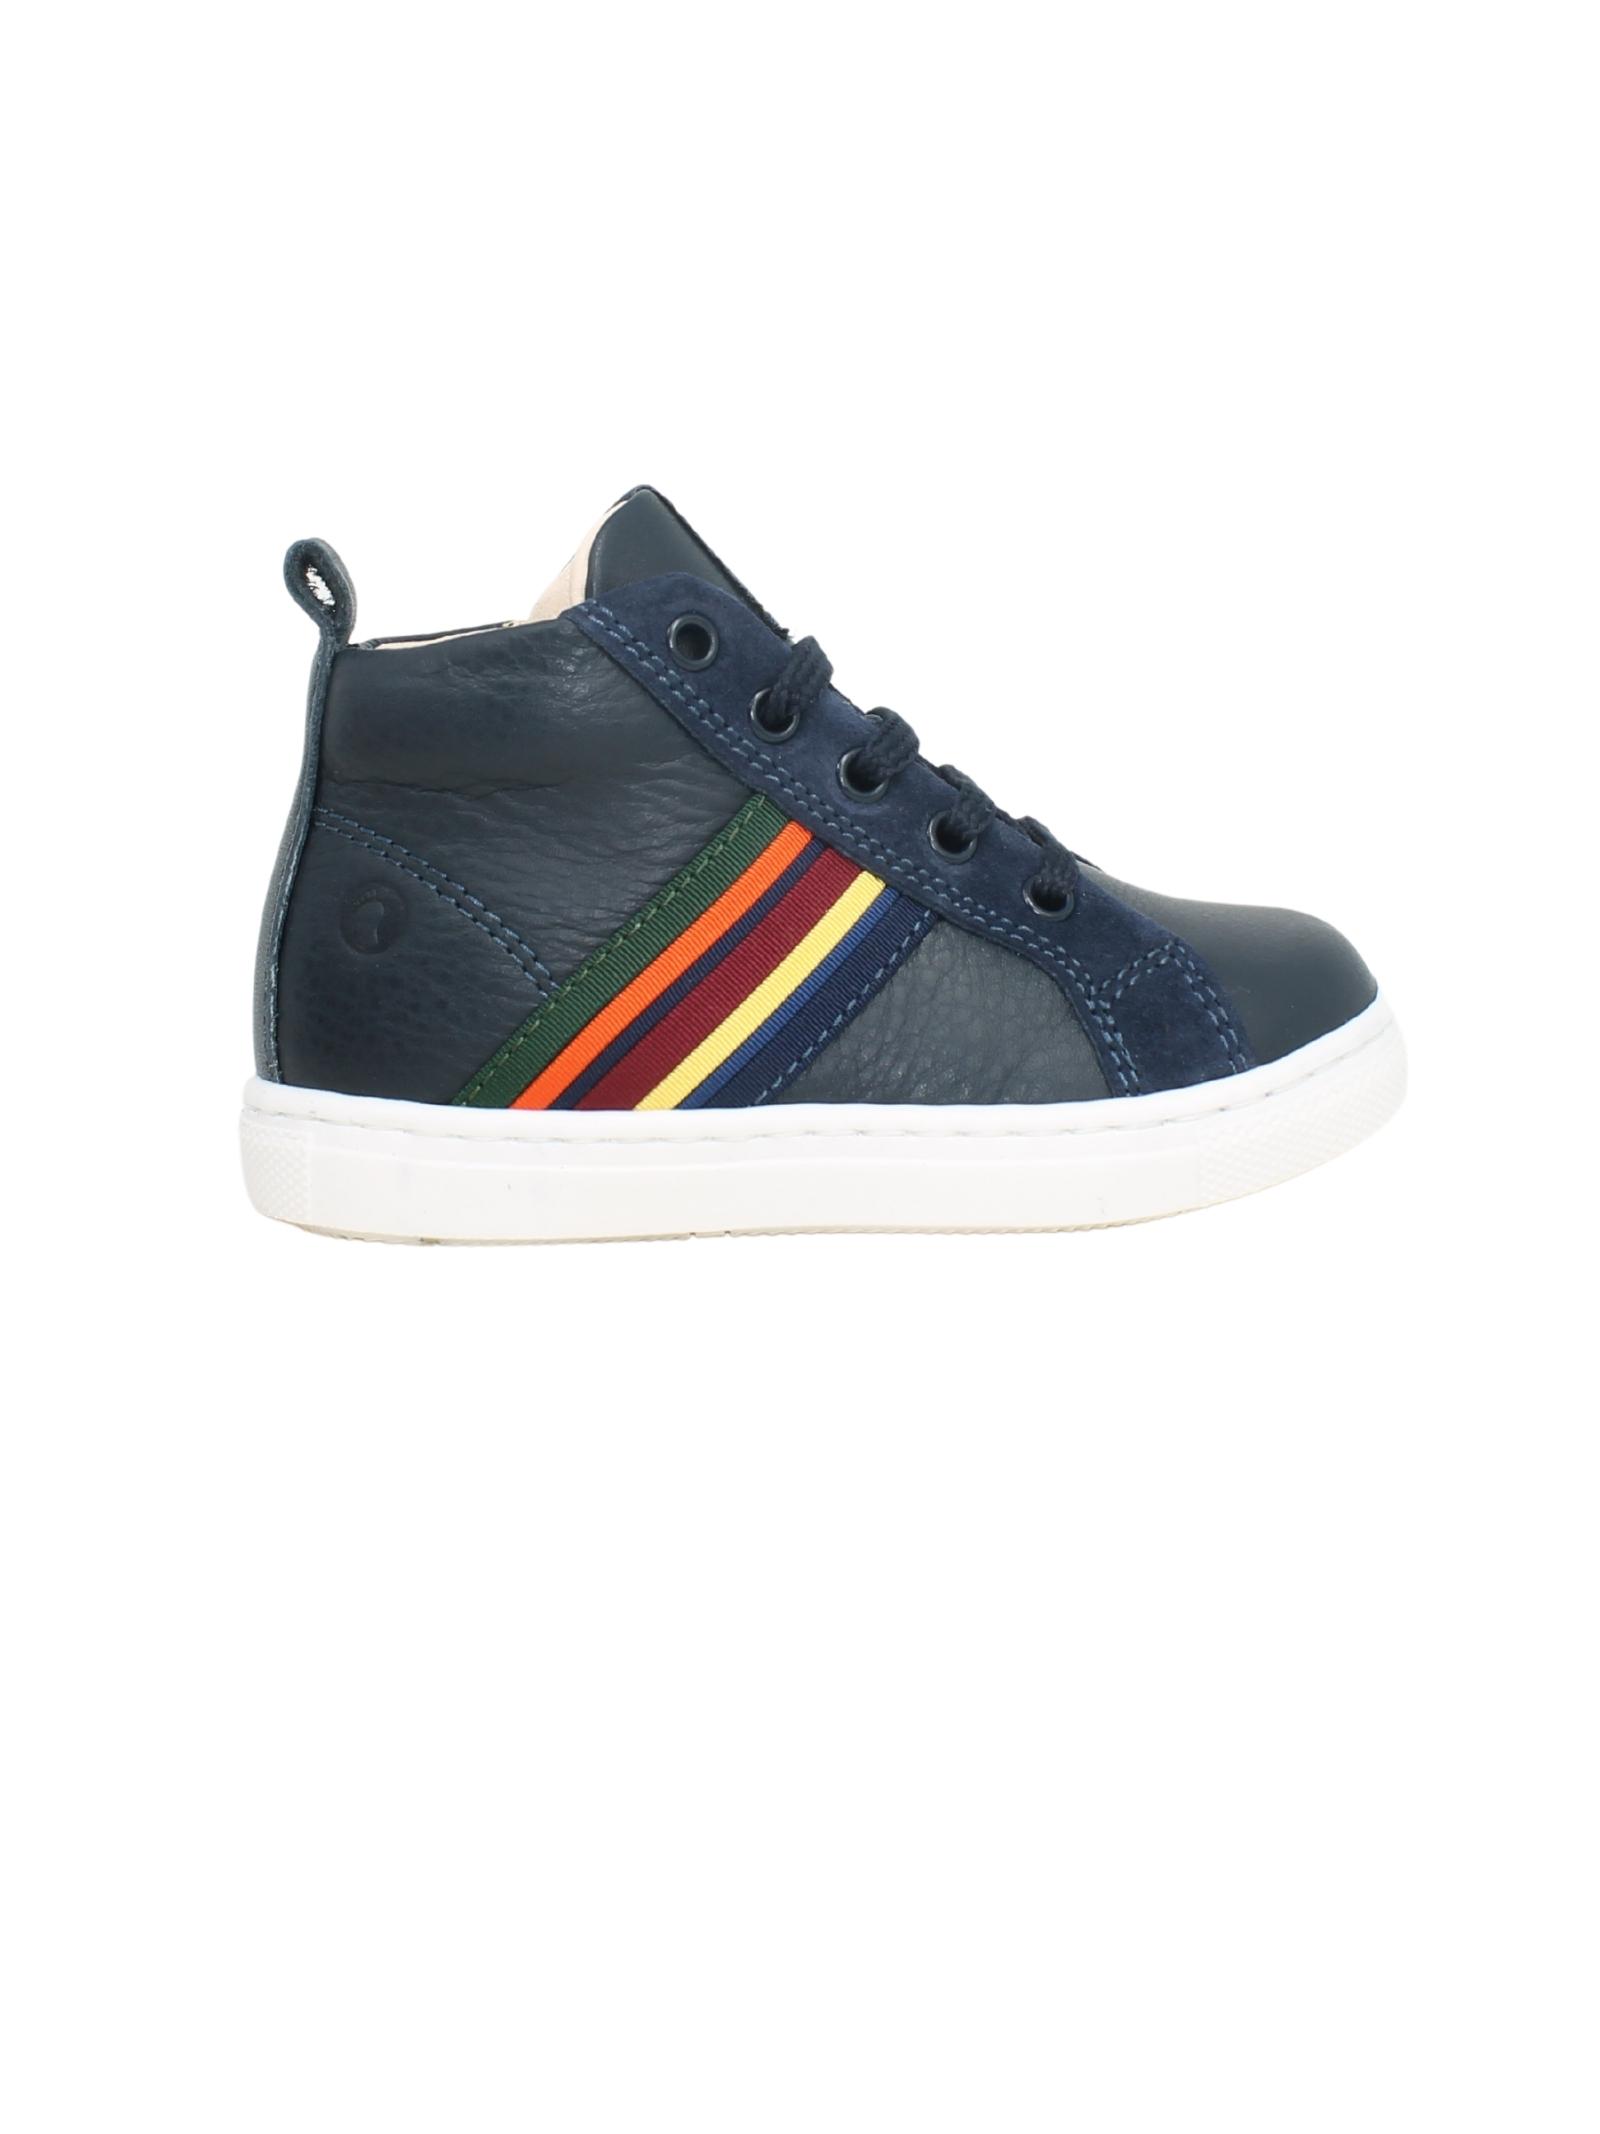 High Baby Sneakers WALKEY | Sneakers | Y1B4413410076800BLU